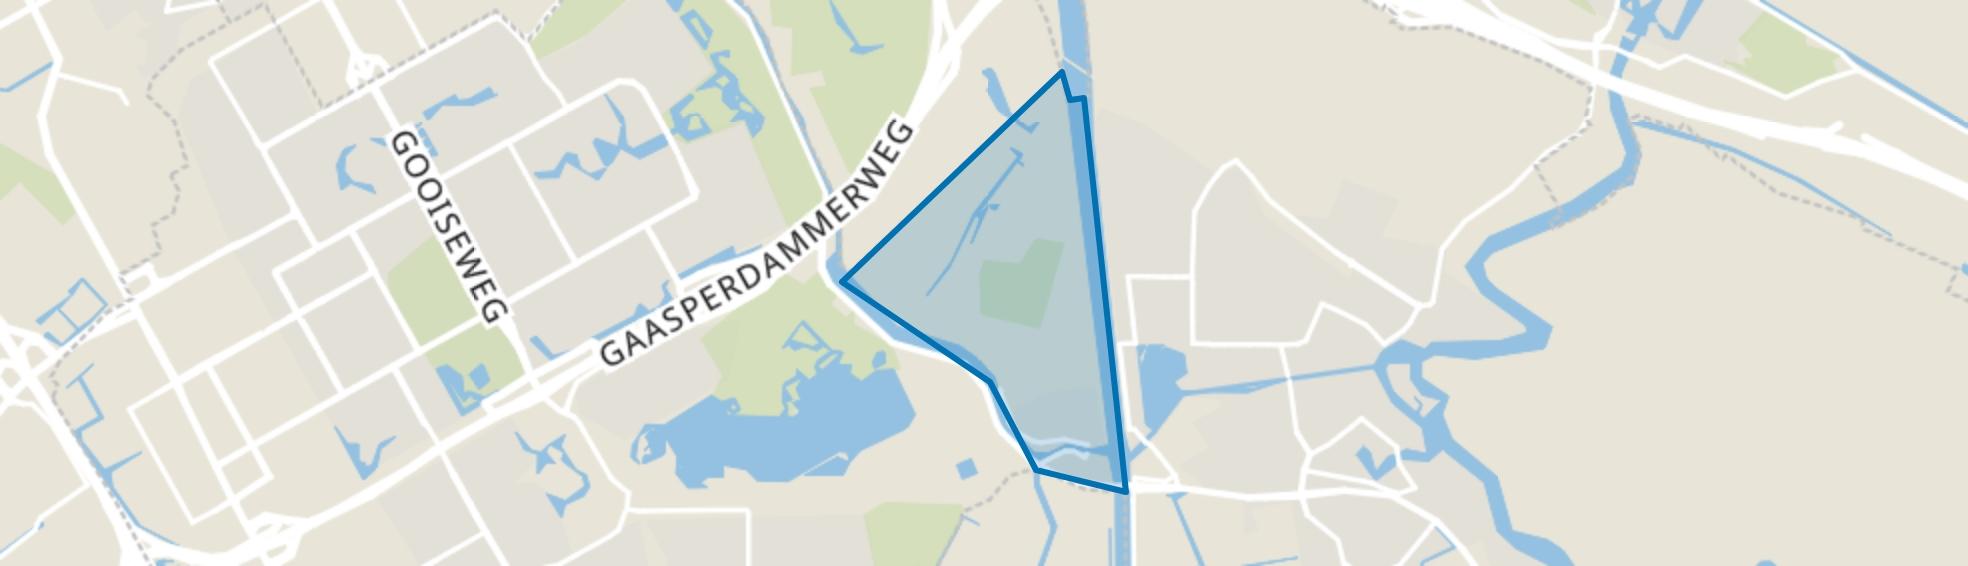 Driemond, Amsterdam map